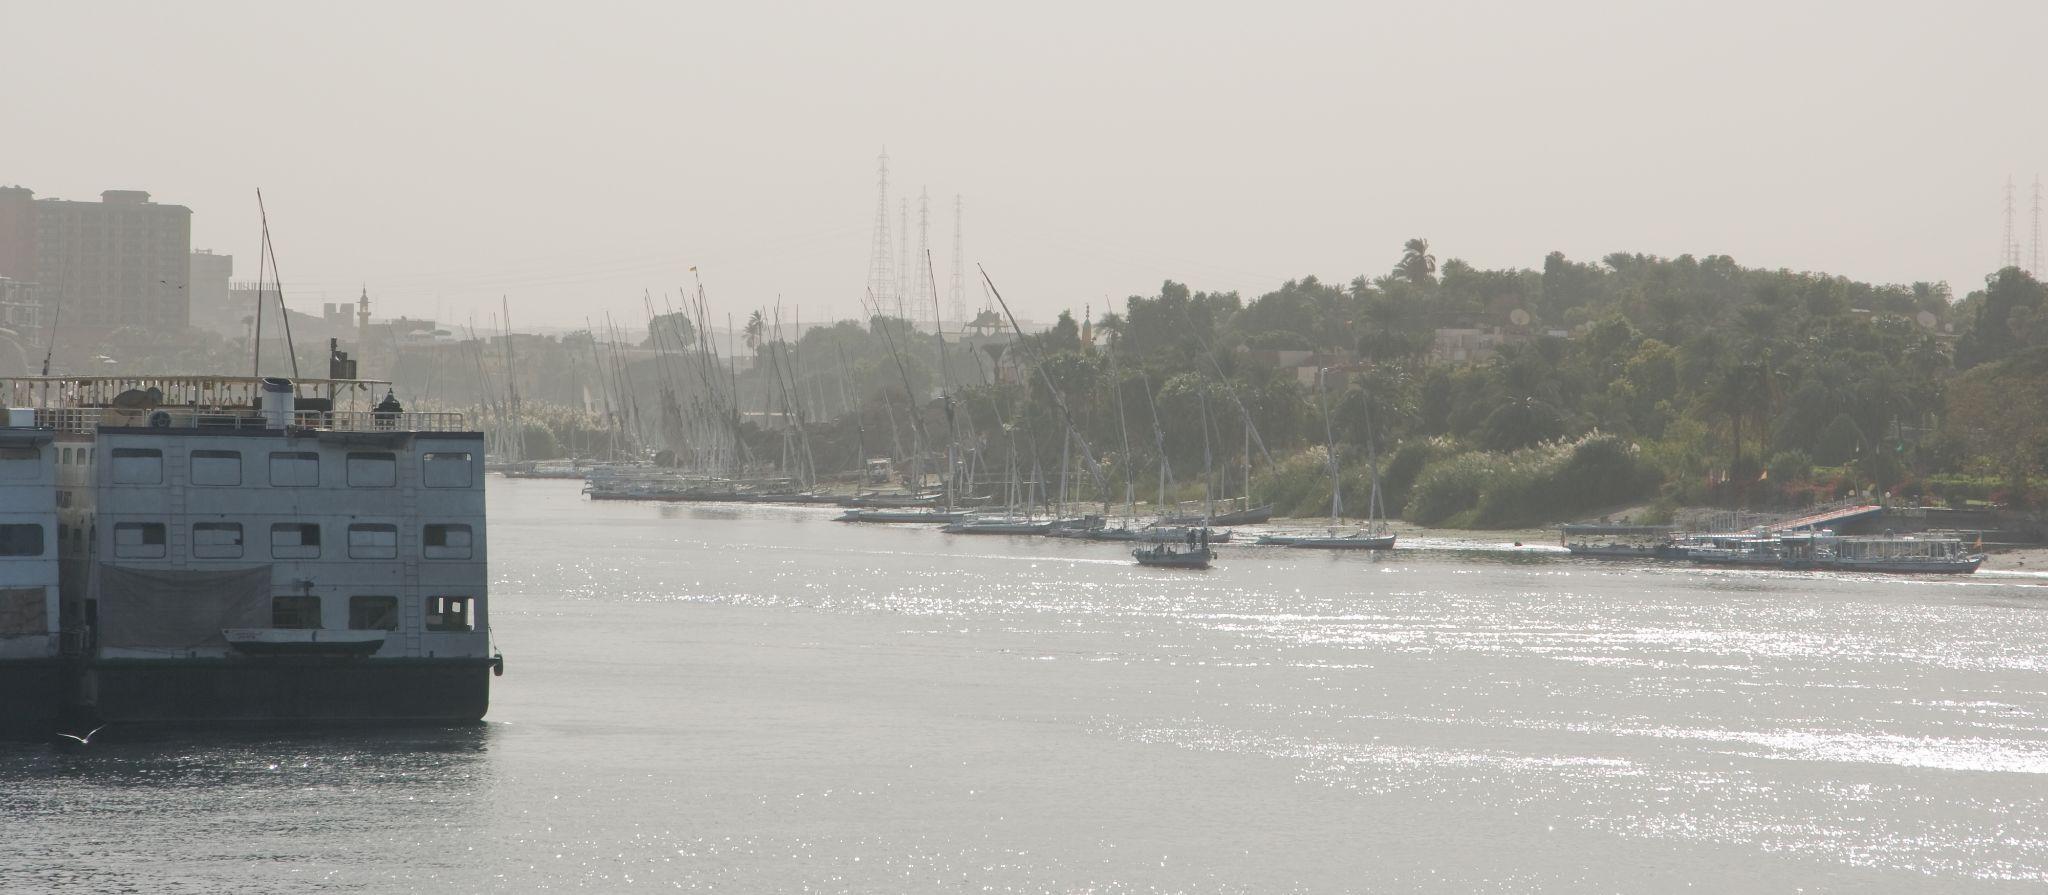 https://flic.kr/p/gm5cNC | Glitter of Aswan / Bljesak Asuana | rijeka Nil / Nile river, Nubia/Nubija